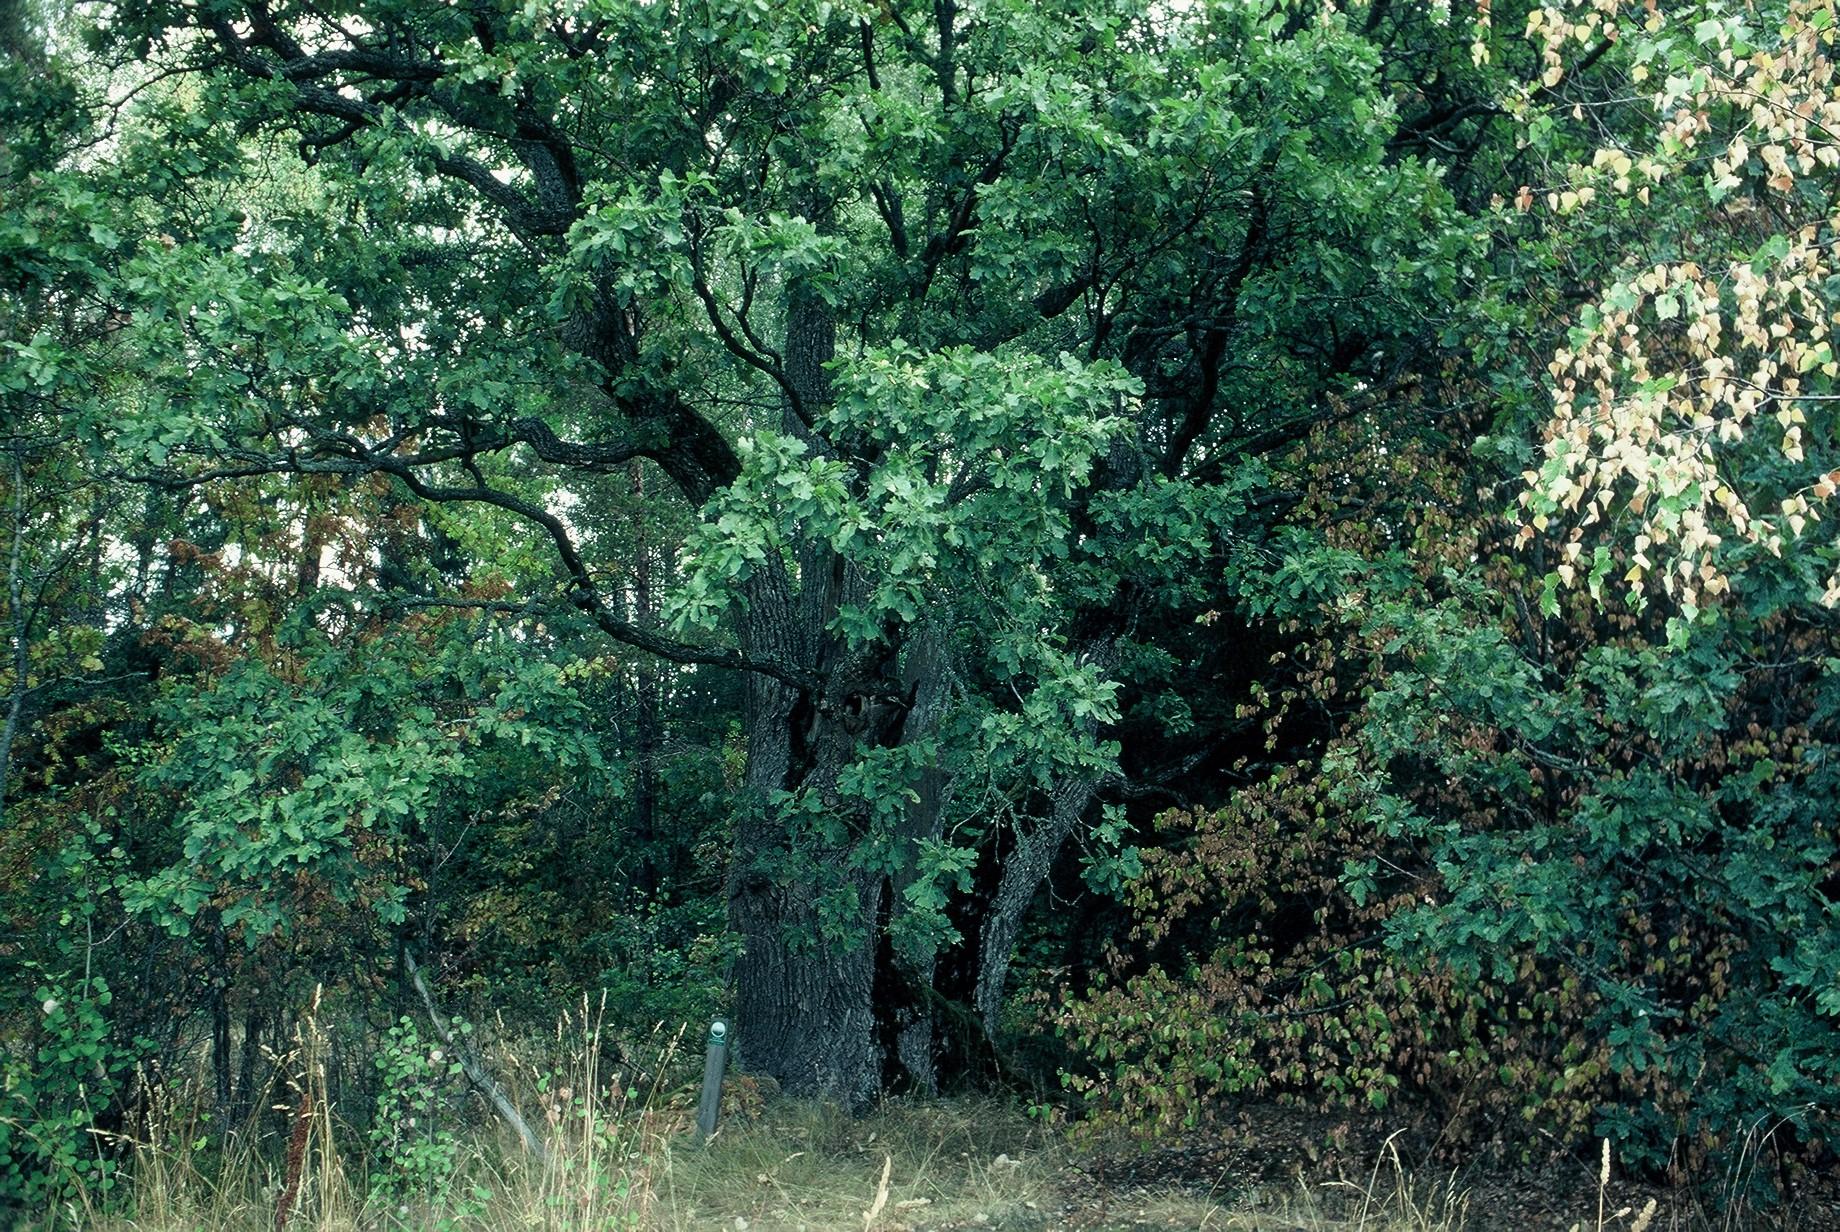 Luonnonmuistomerkki, tammi, Paavola, kuva Lohjan ympäristönsuojelu.